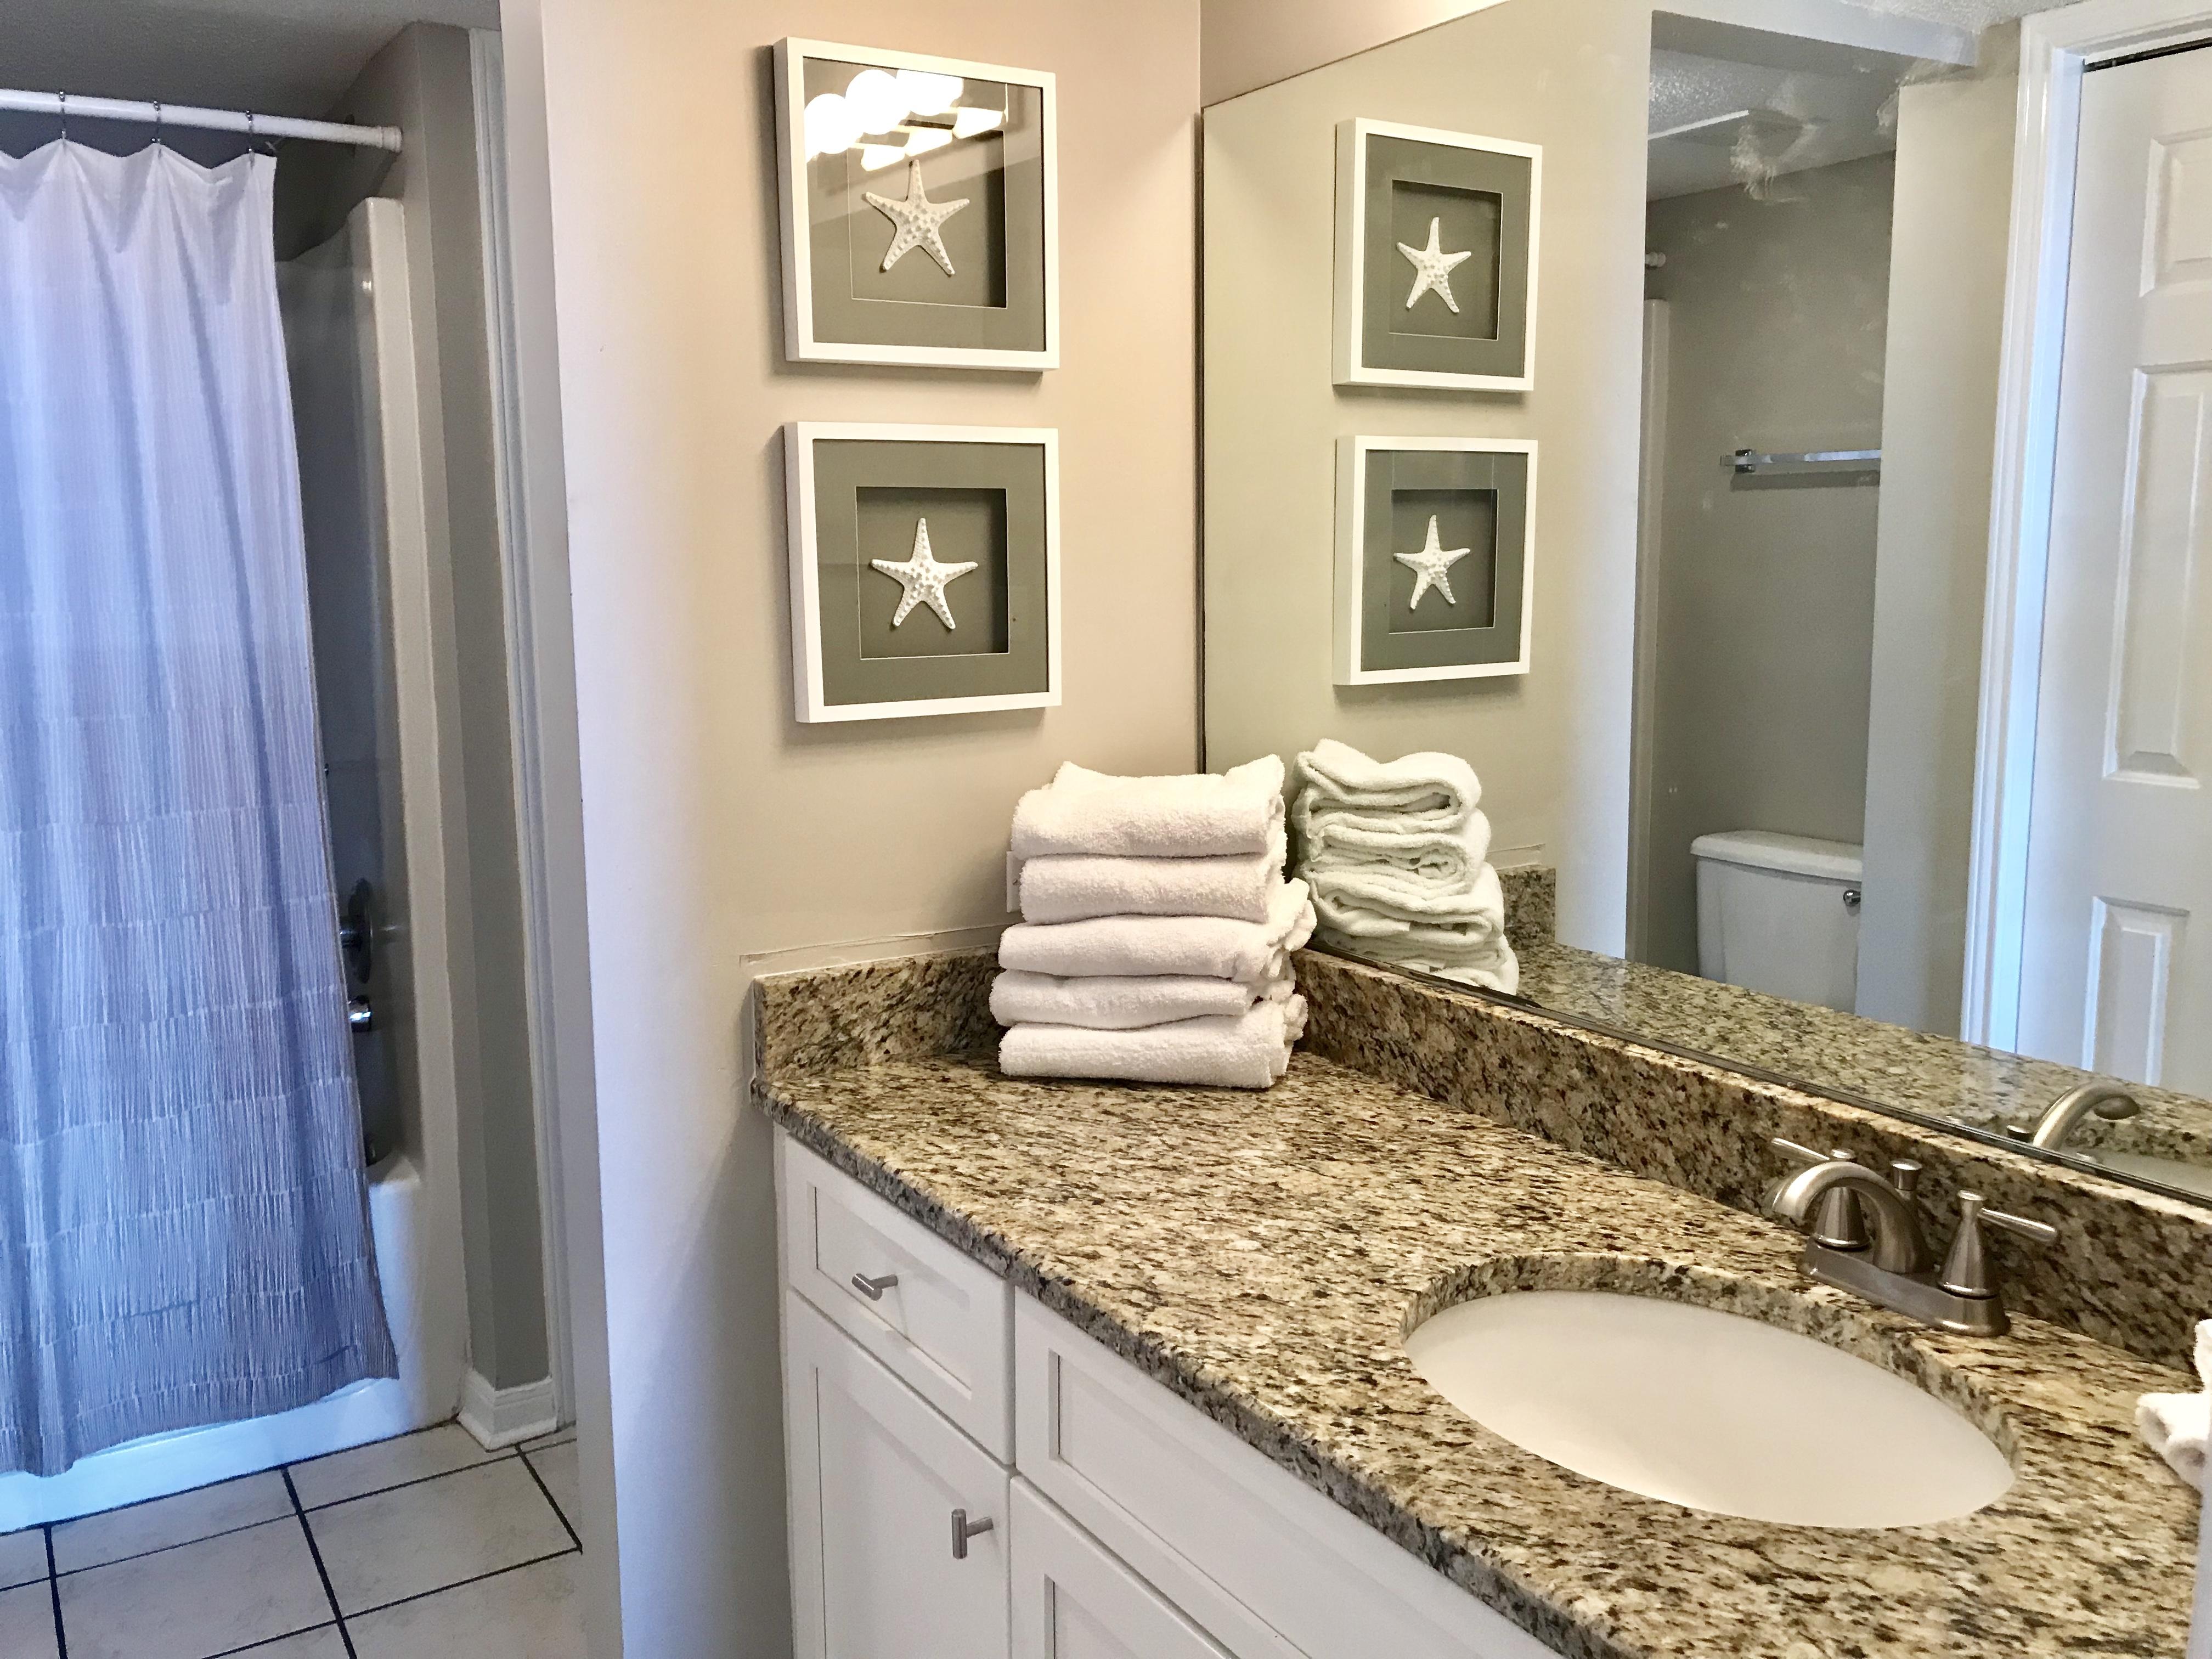 Ocean House 1206 Condo rental in Ocean House - Gulf Shores in Gulf Shores Alabama - #18